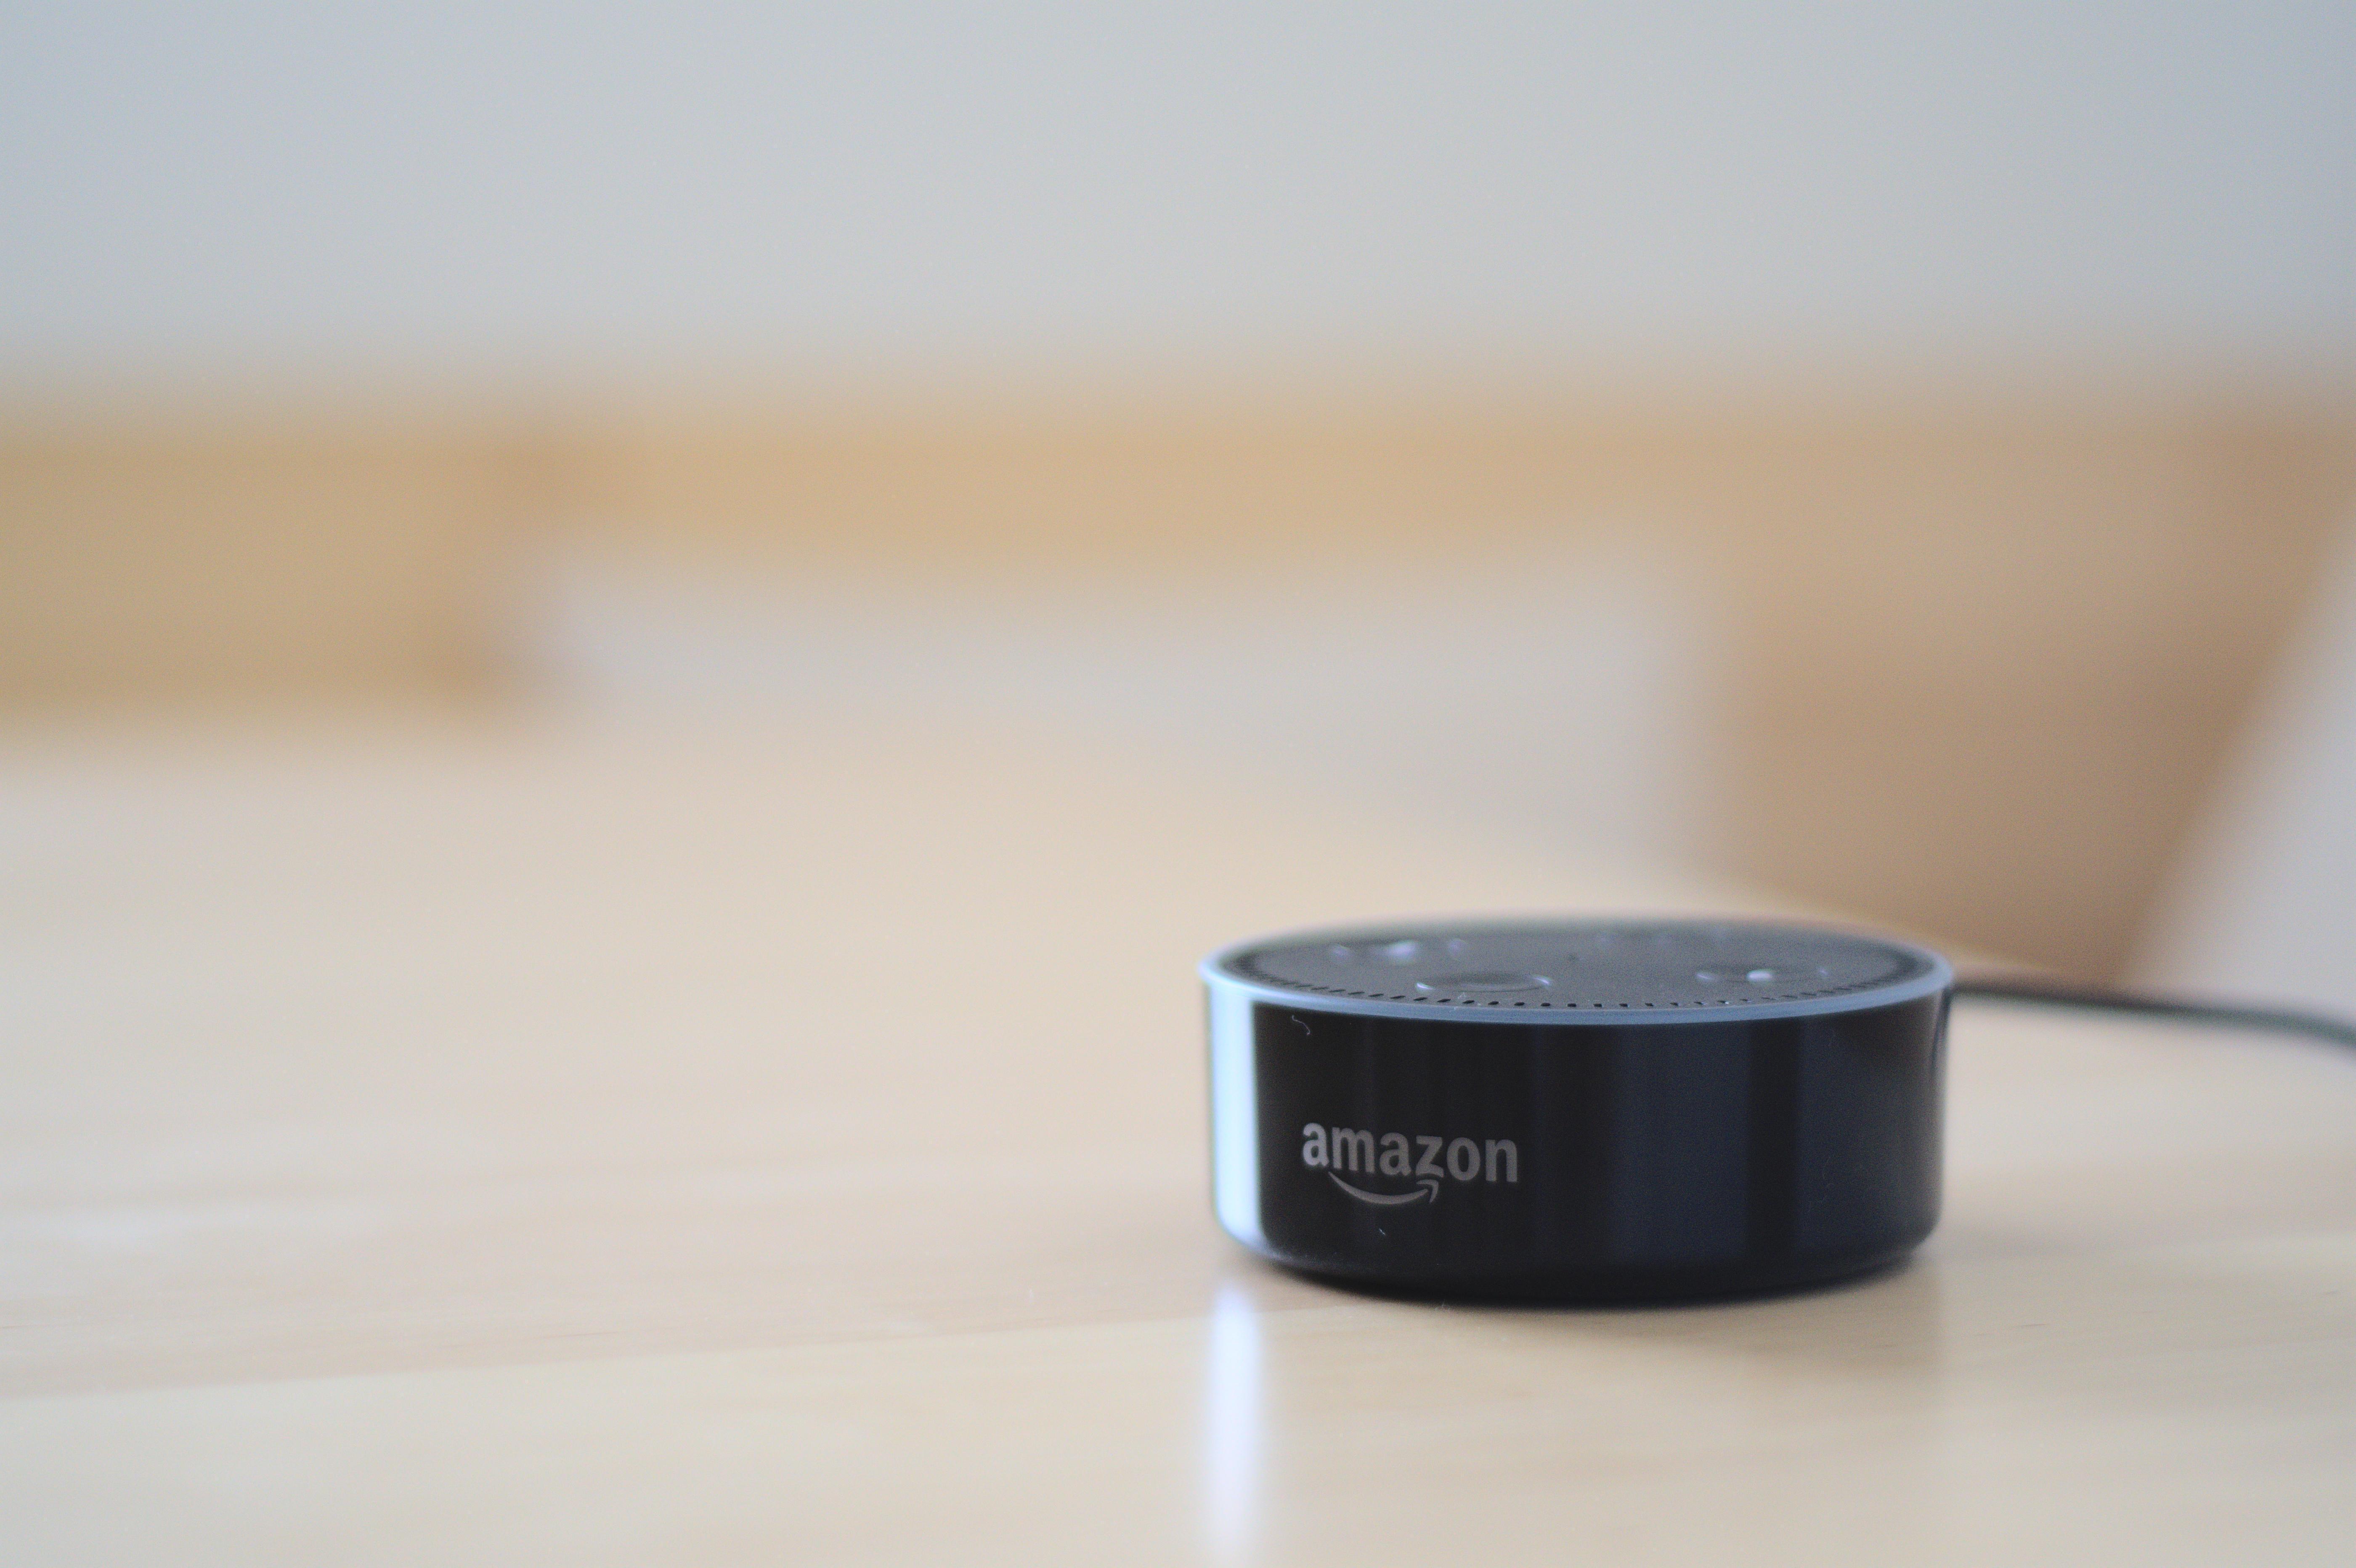 Pıçıltı rejimi daxil olmaqla, bütün Alexa dinamiklərində işləyəcək Amazon Echo nöqtə